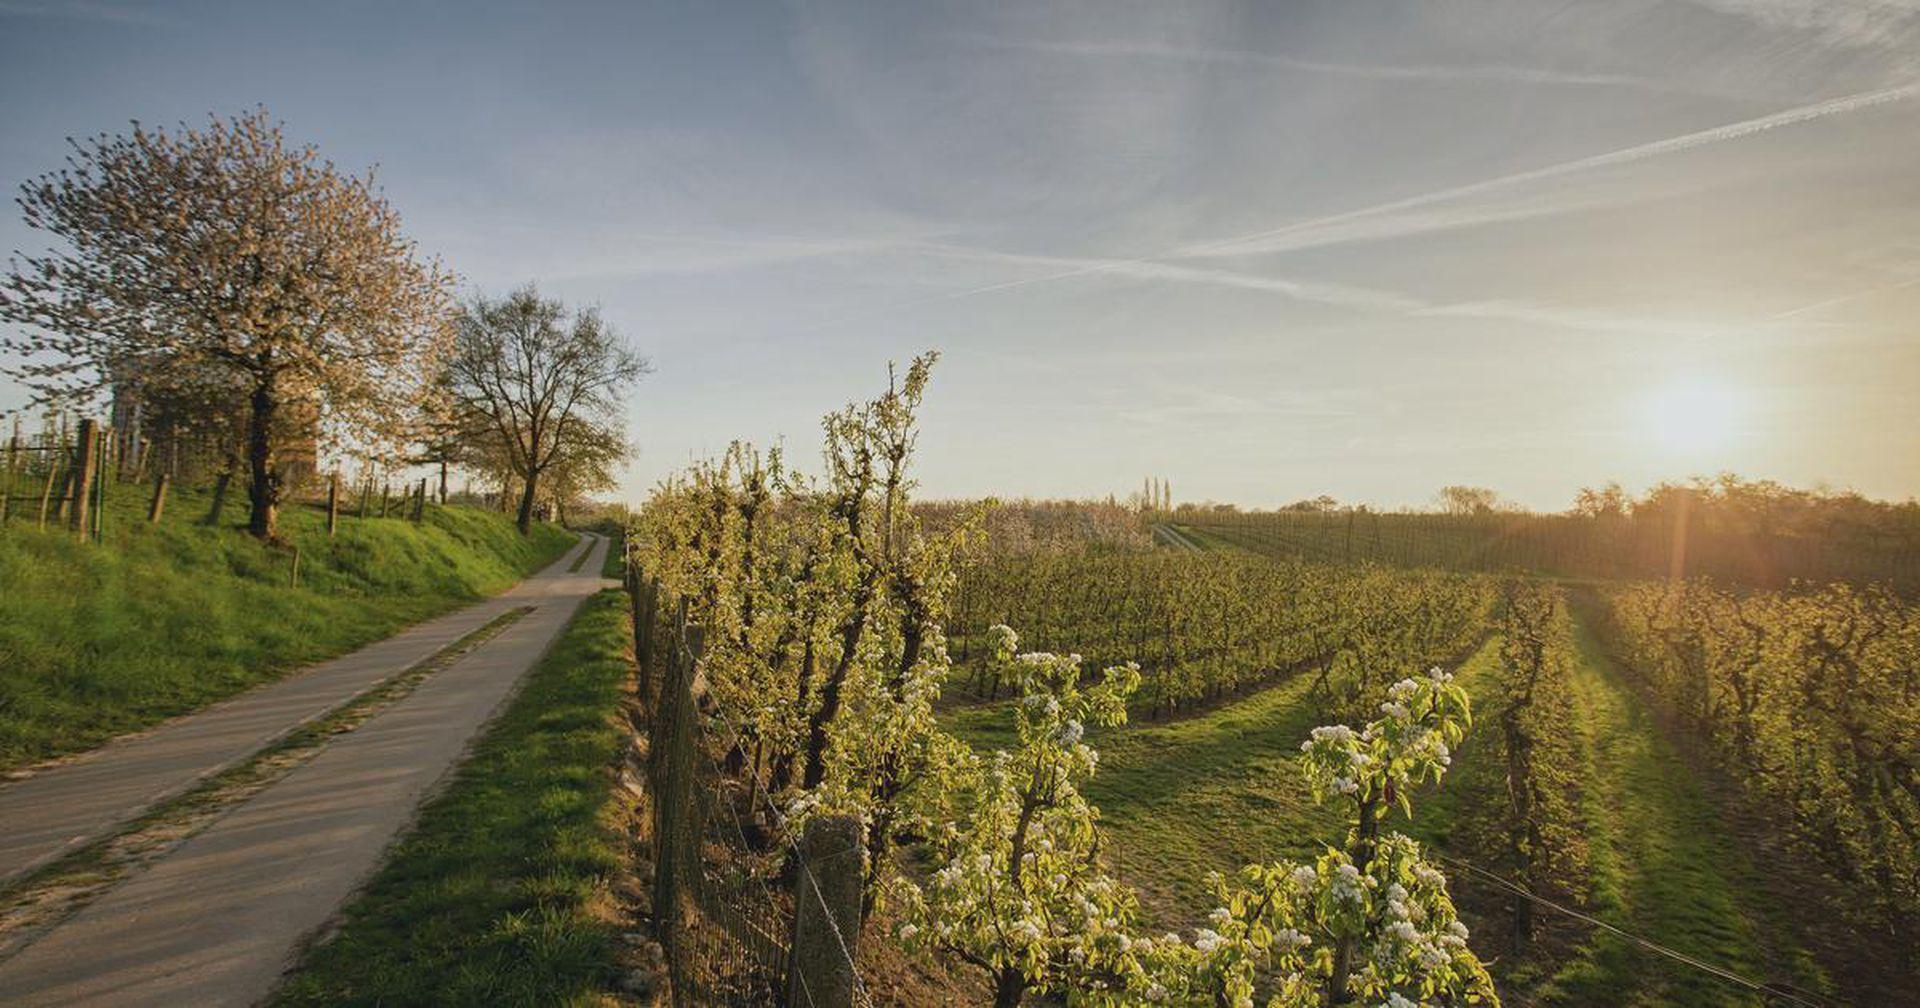 Limburgo, provincia de los Países Bajos, invita a recrear un pedaleo en bicicleta por 60 kilómetros entre campos florecidos